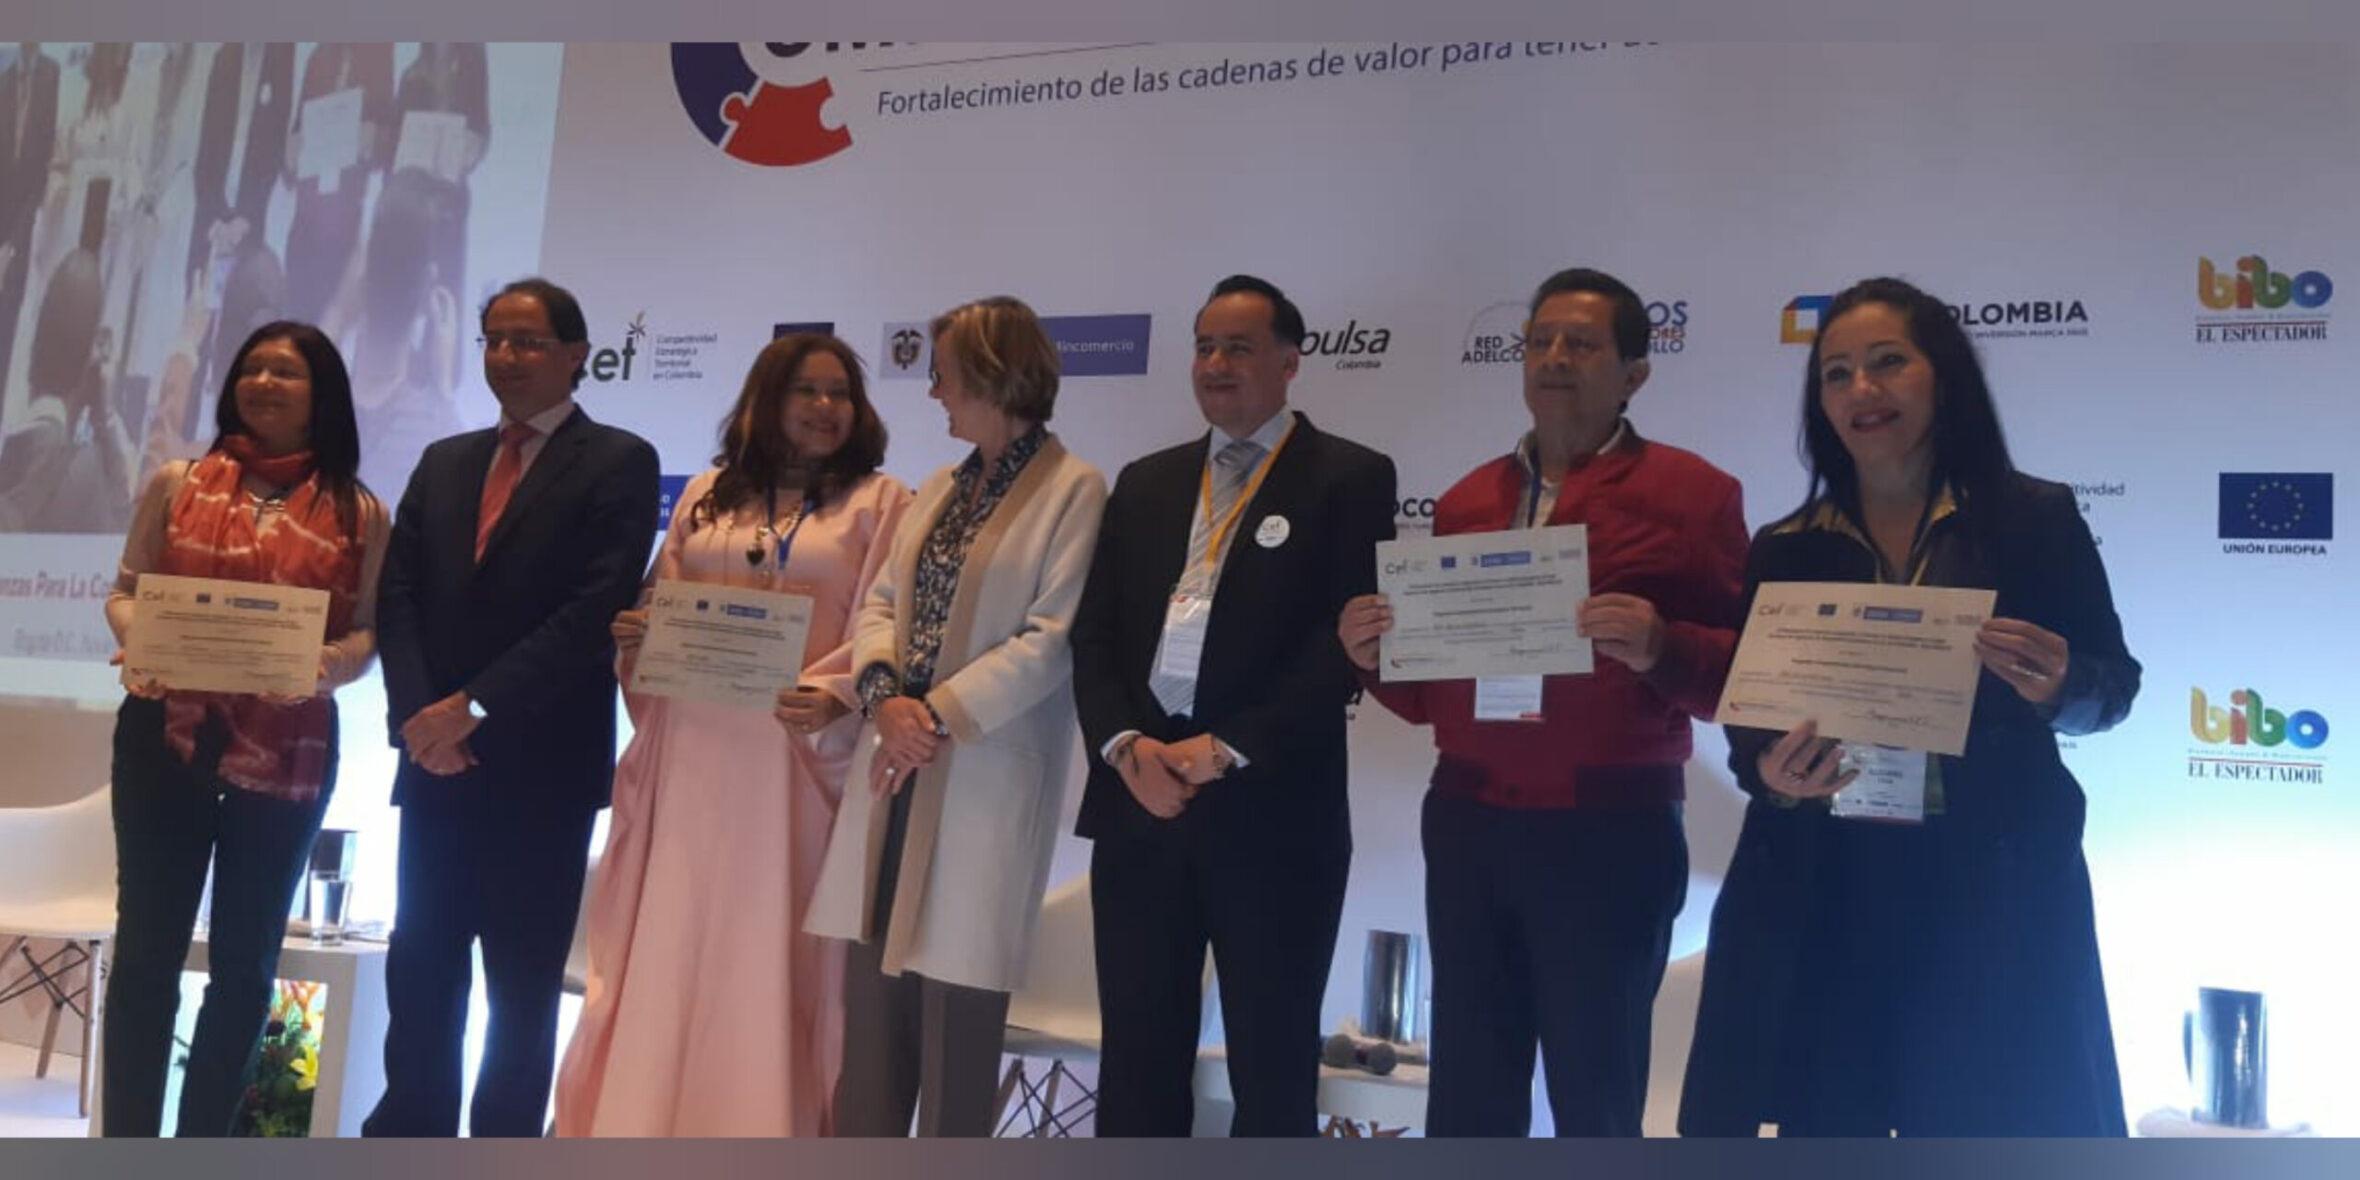 https://www.notasrosas.com/ Agencia de Desarrollo Económico Local -ADEL Guajira-, y su impulso para la economía peninsular